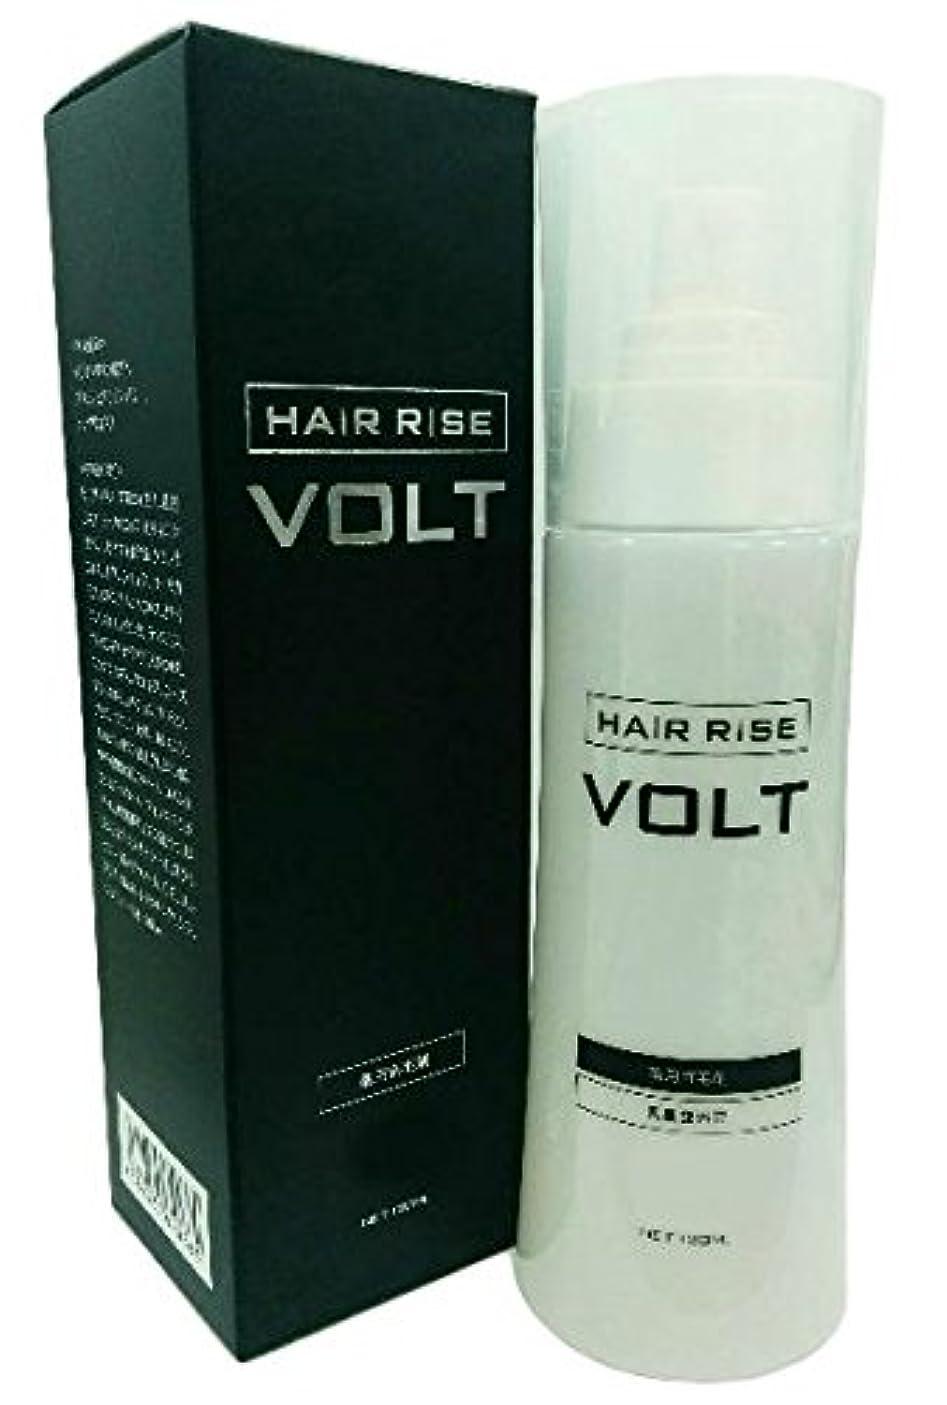 荒野ひばりゲージヘアライズ ボルト/HAIR RISE VOLT 120ml<薬用育毛剤>